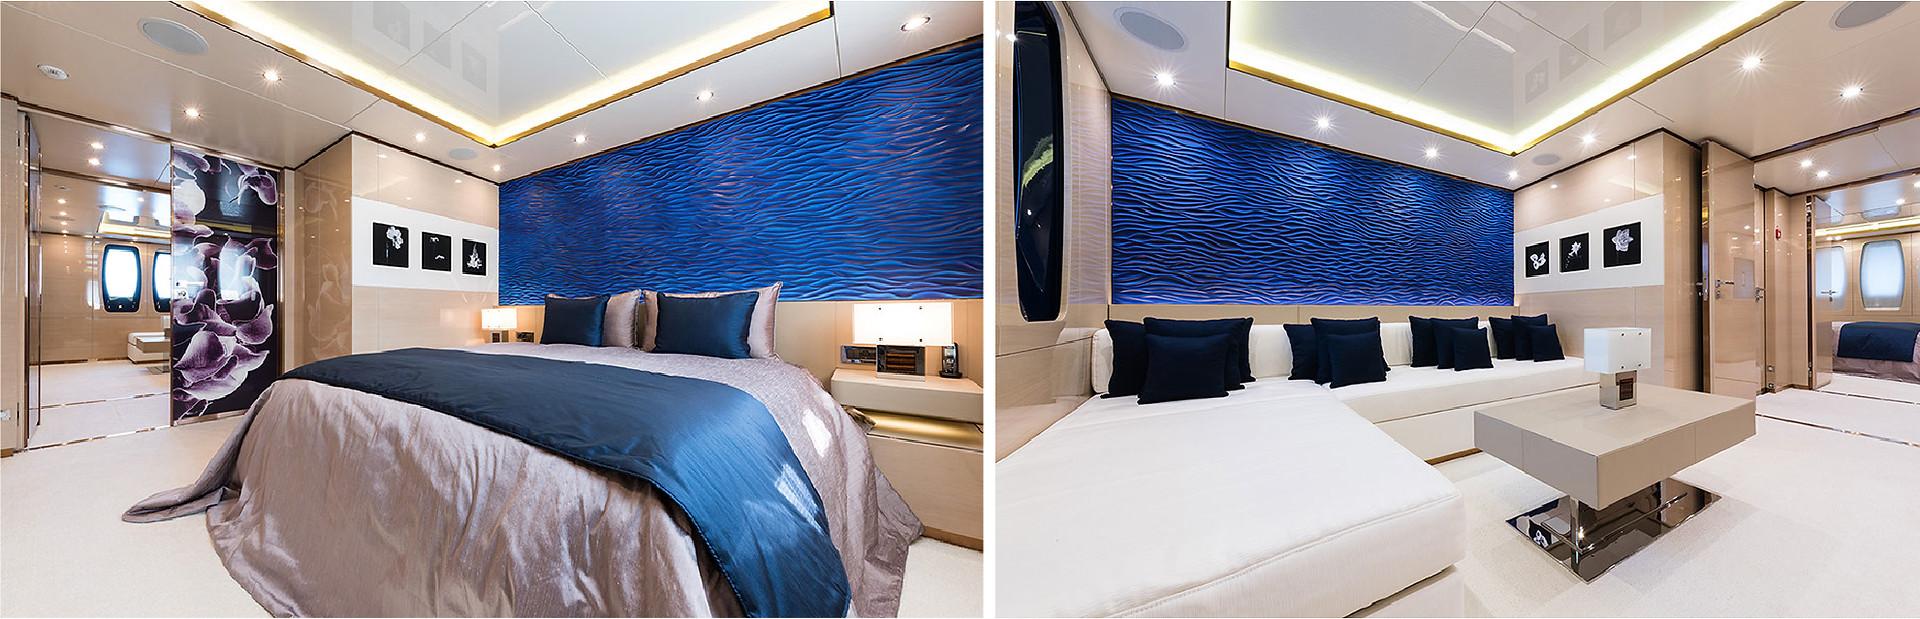 Sunrise Yachts Irimari_website-01.jpg